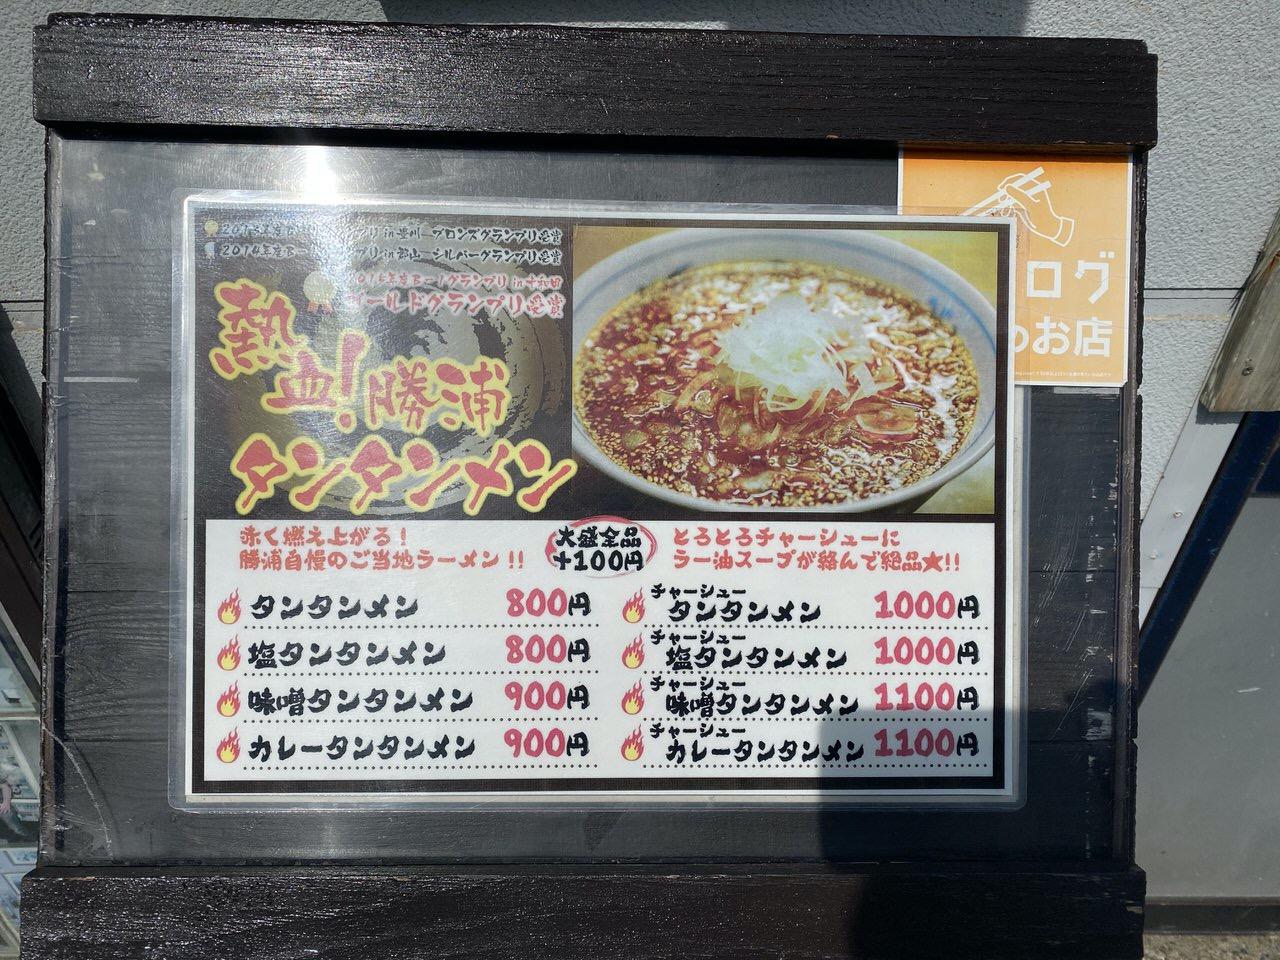 「お食事処 いしい」勝浦タンタンメン 5